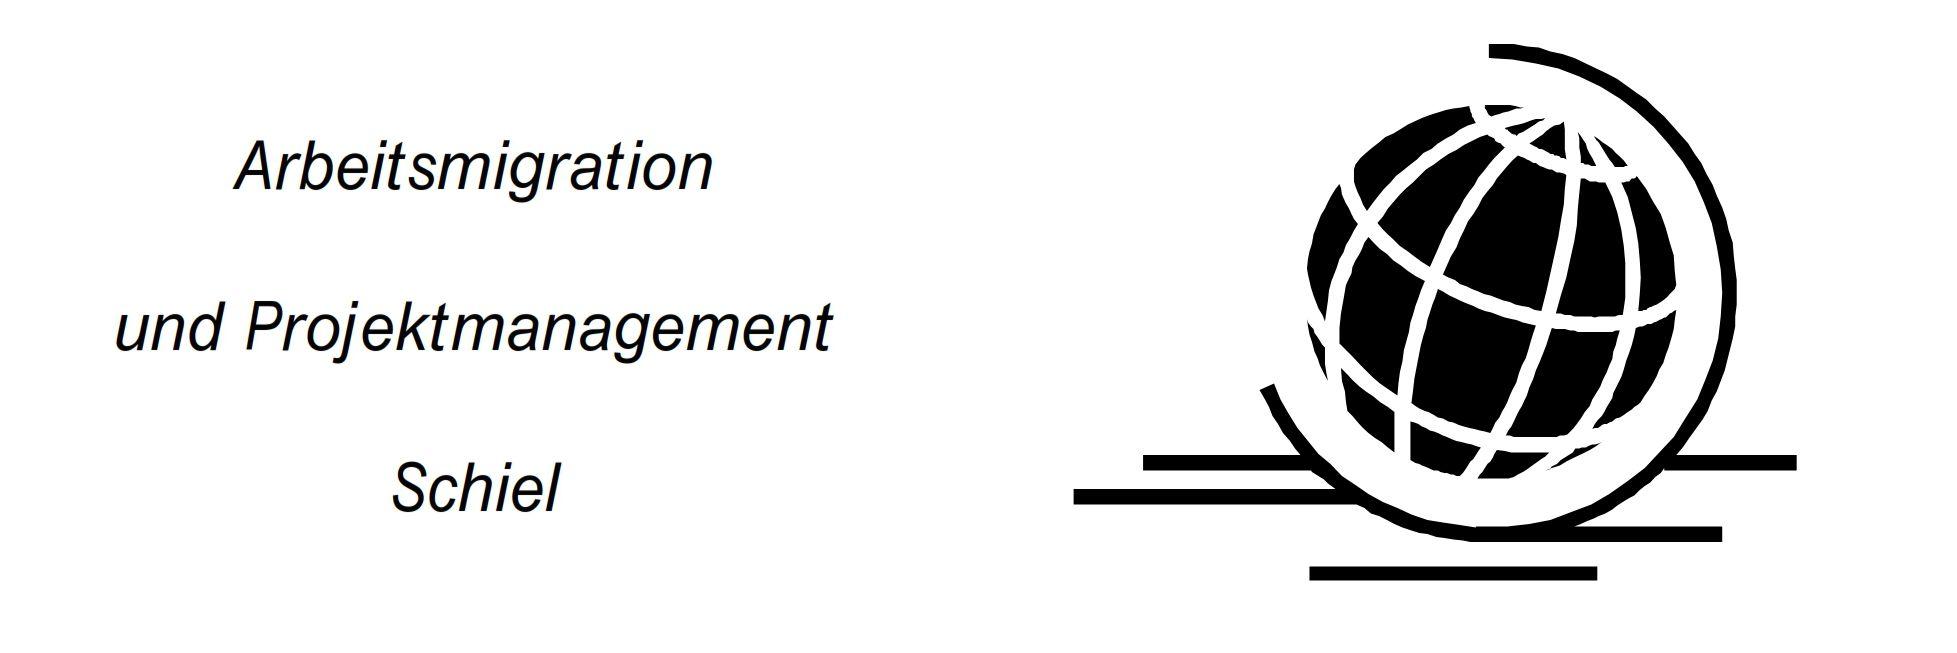 Arbeitsmigration & Projektmanagement Schiel